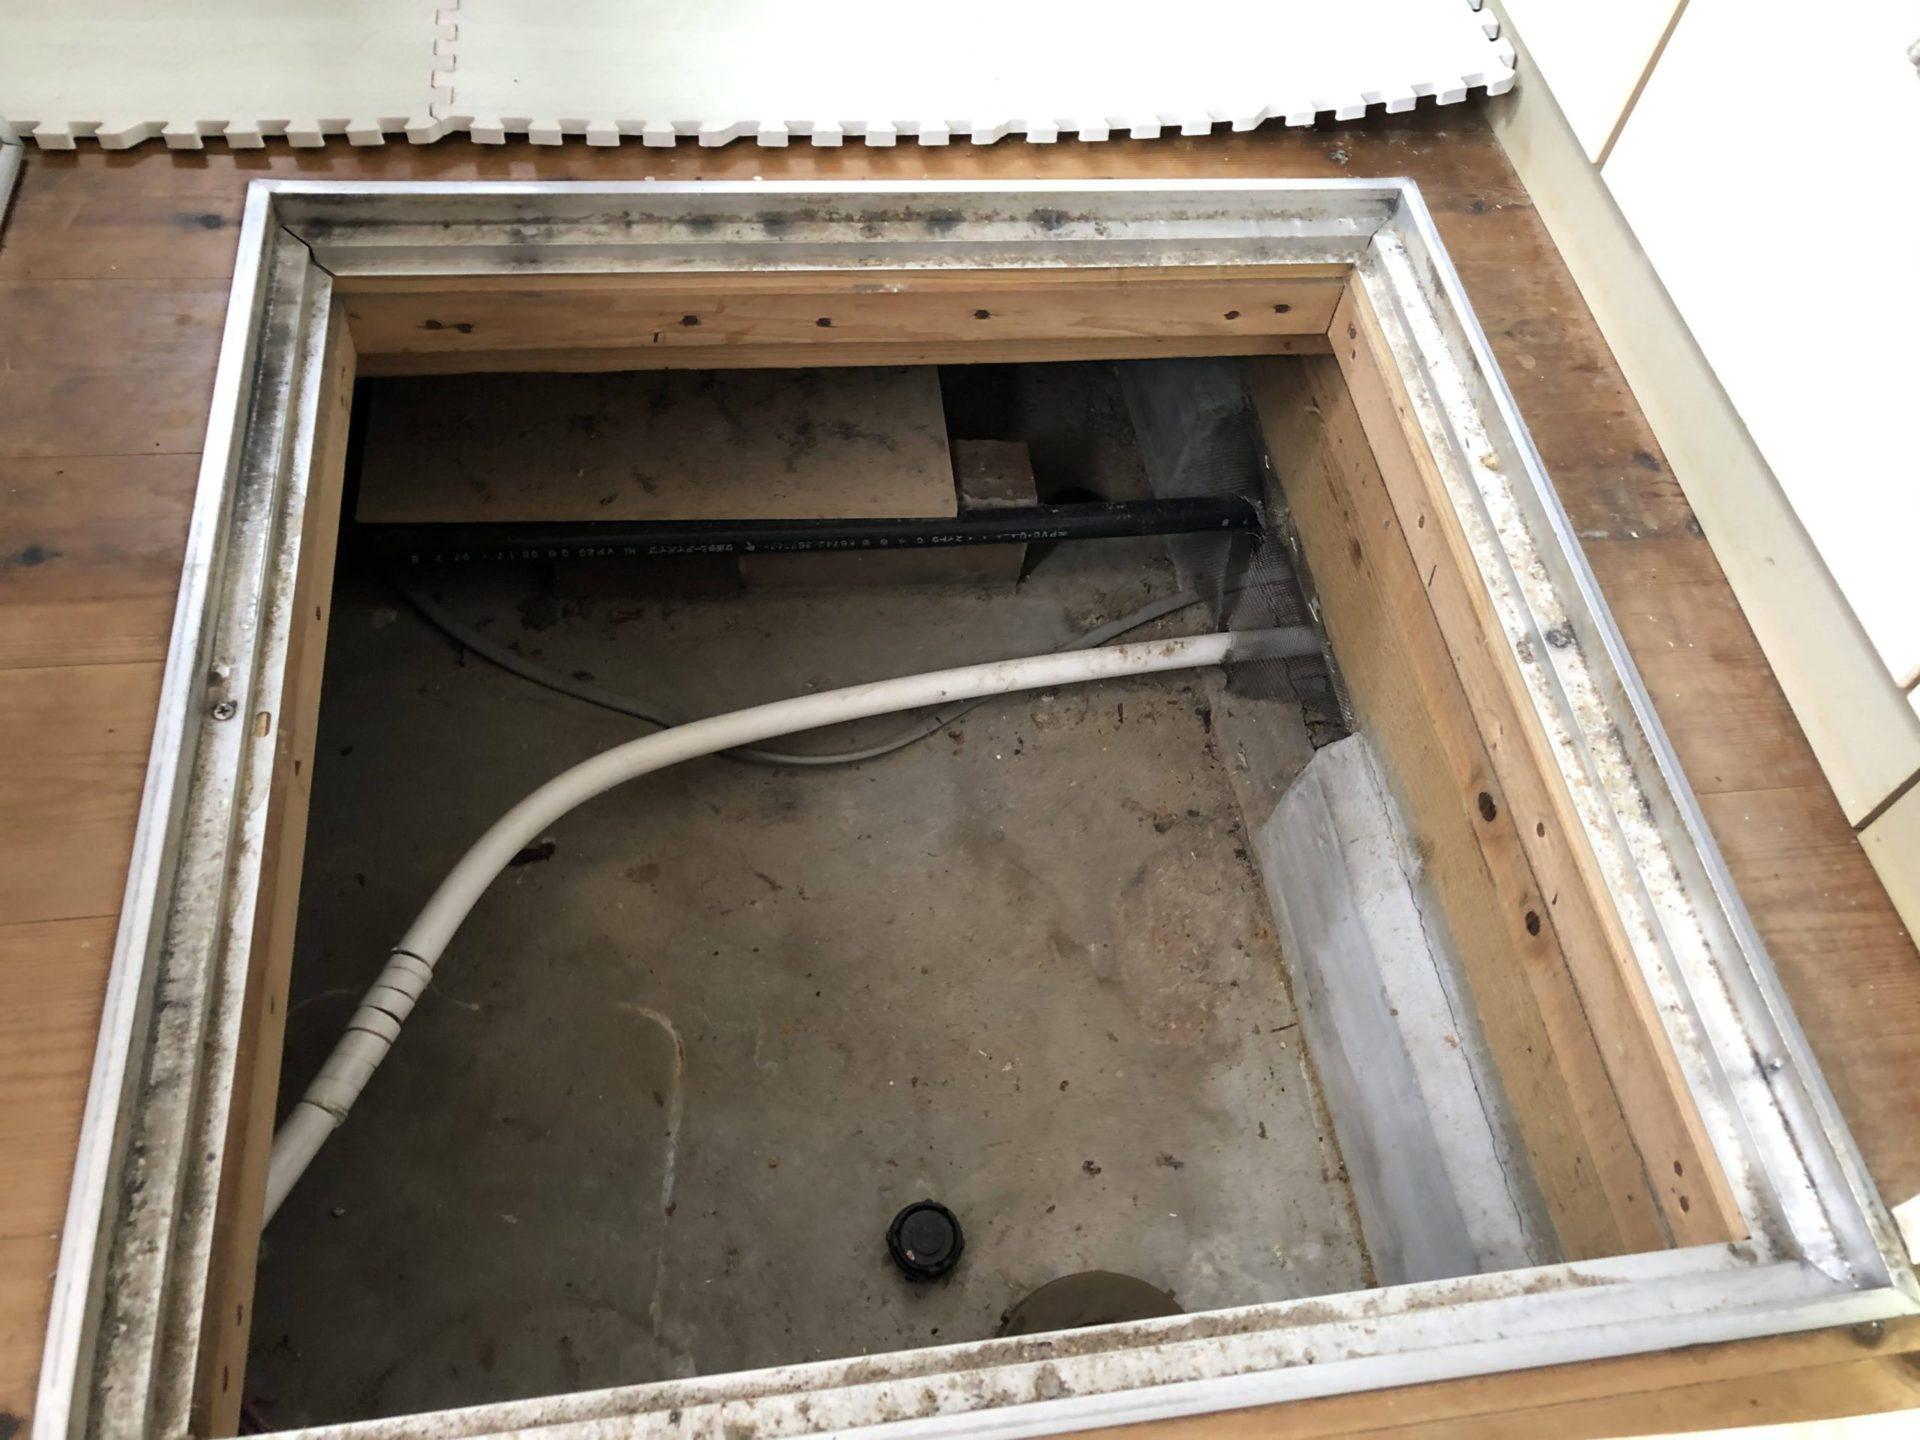 浴室,ヤマトシロアリ,ホウ酸,神奈川県横浜市,No.015